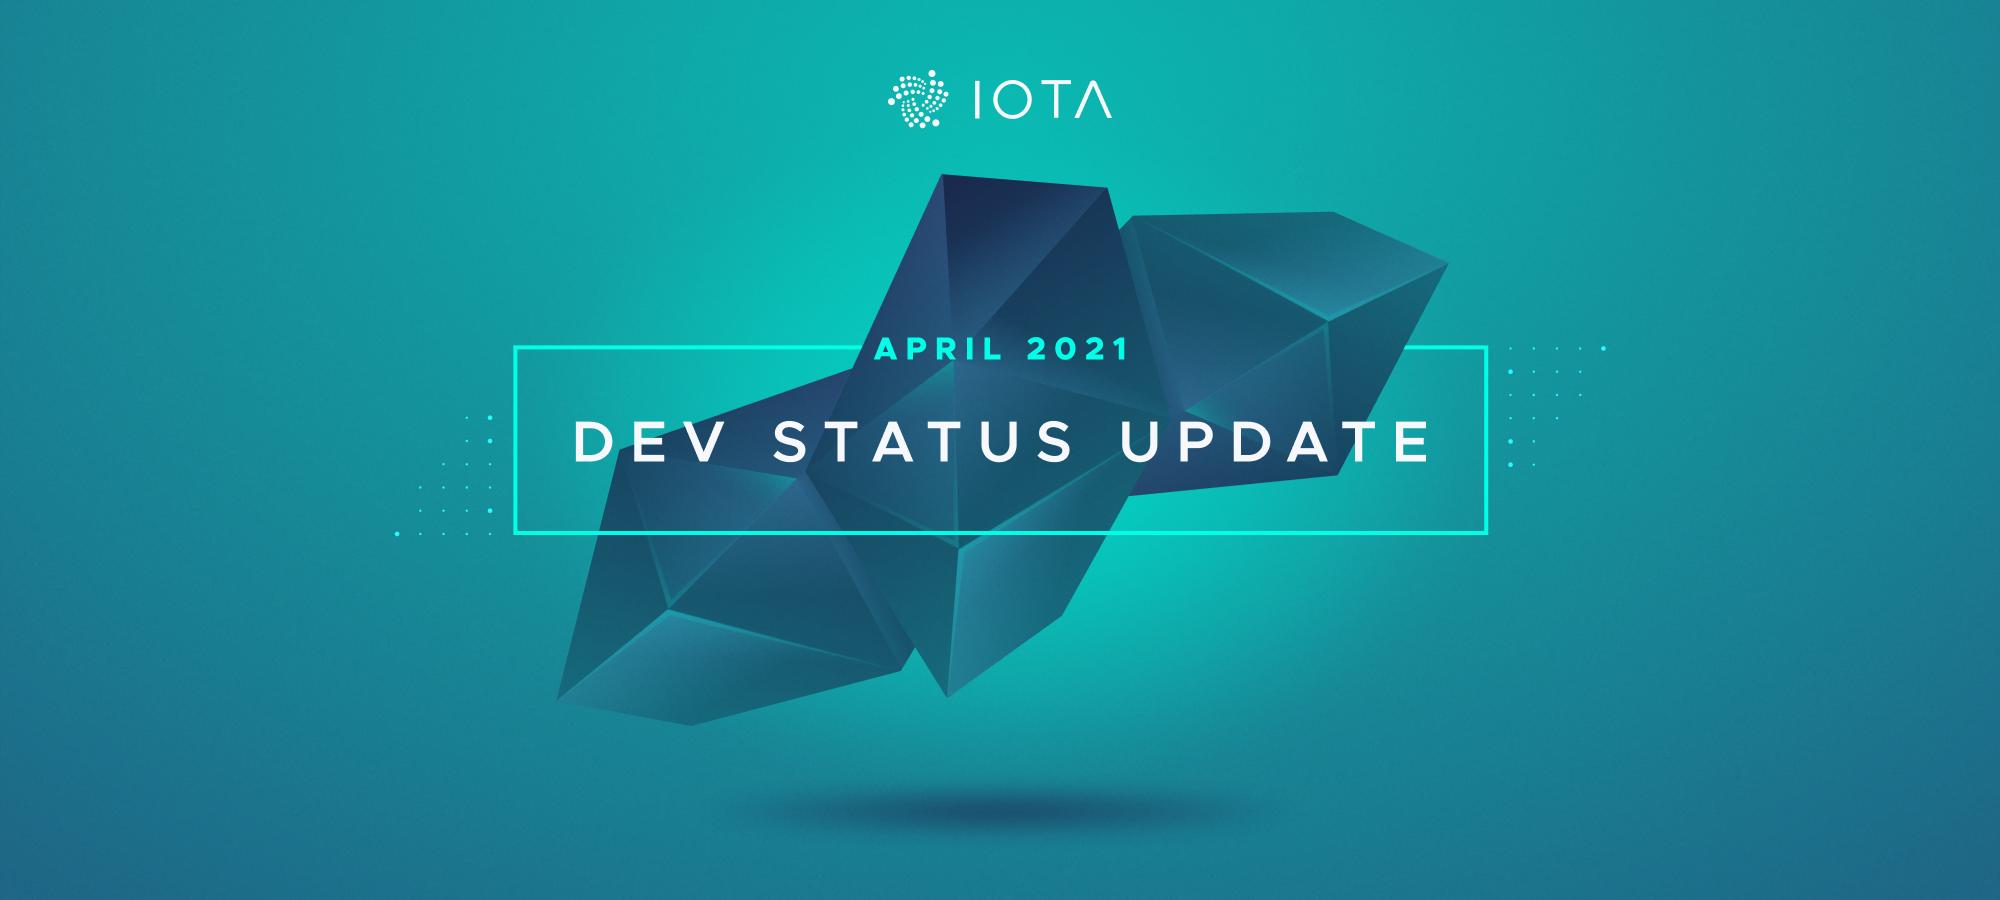 Dev Status Update - April, 2021